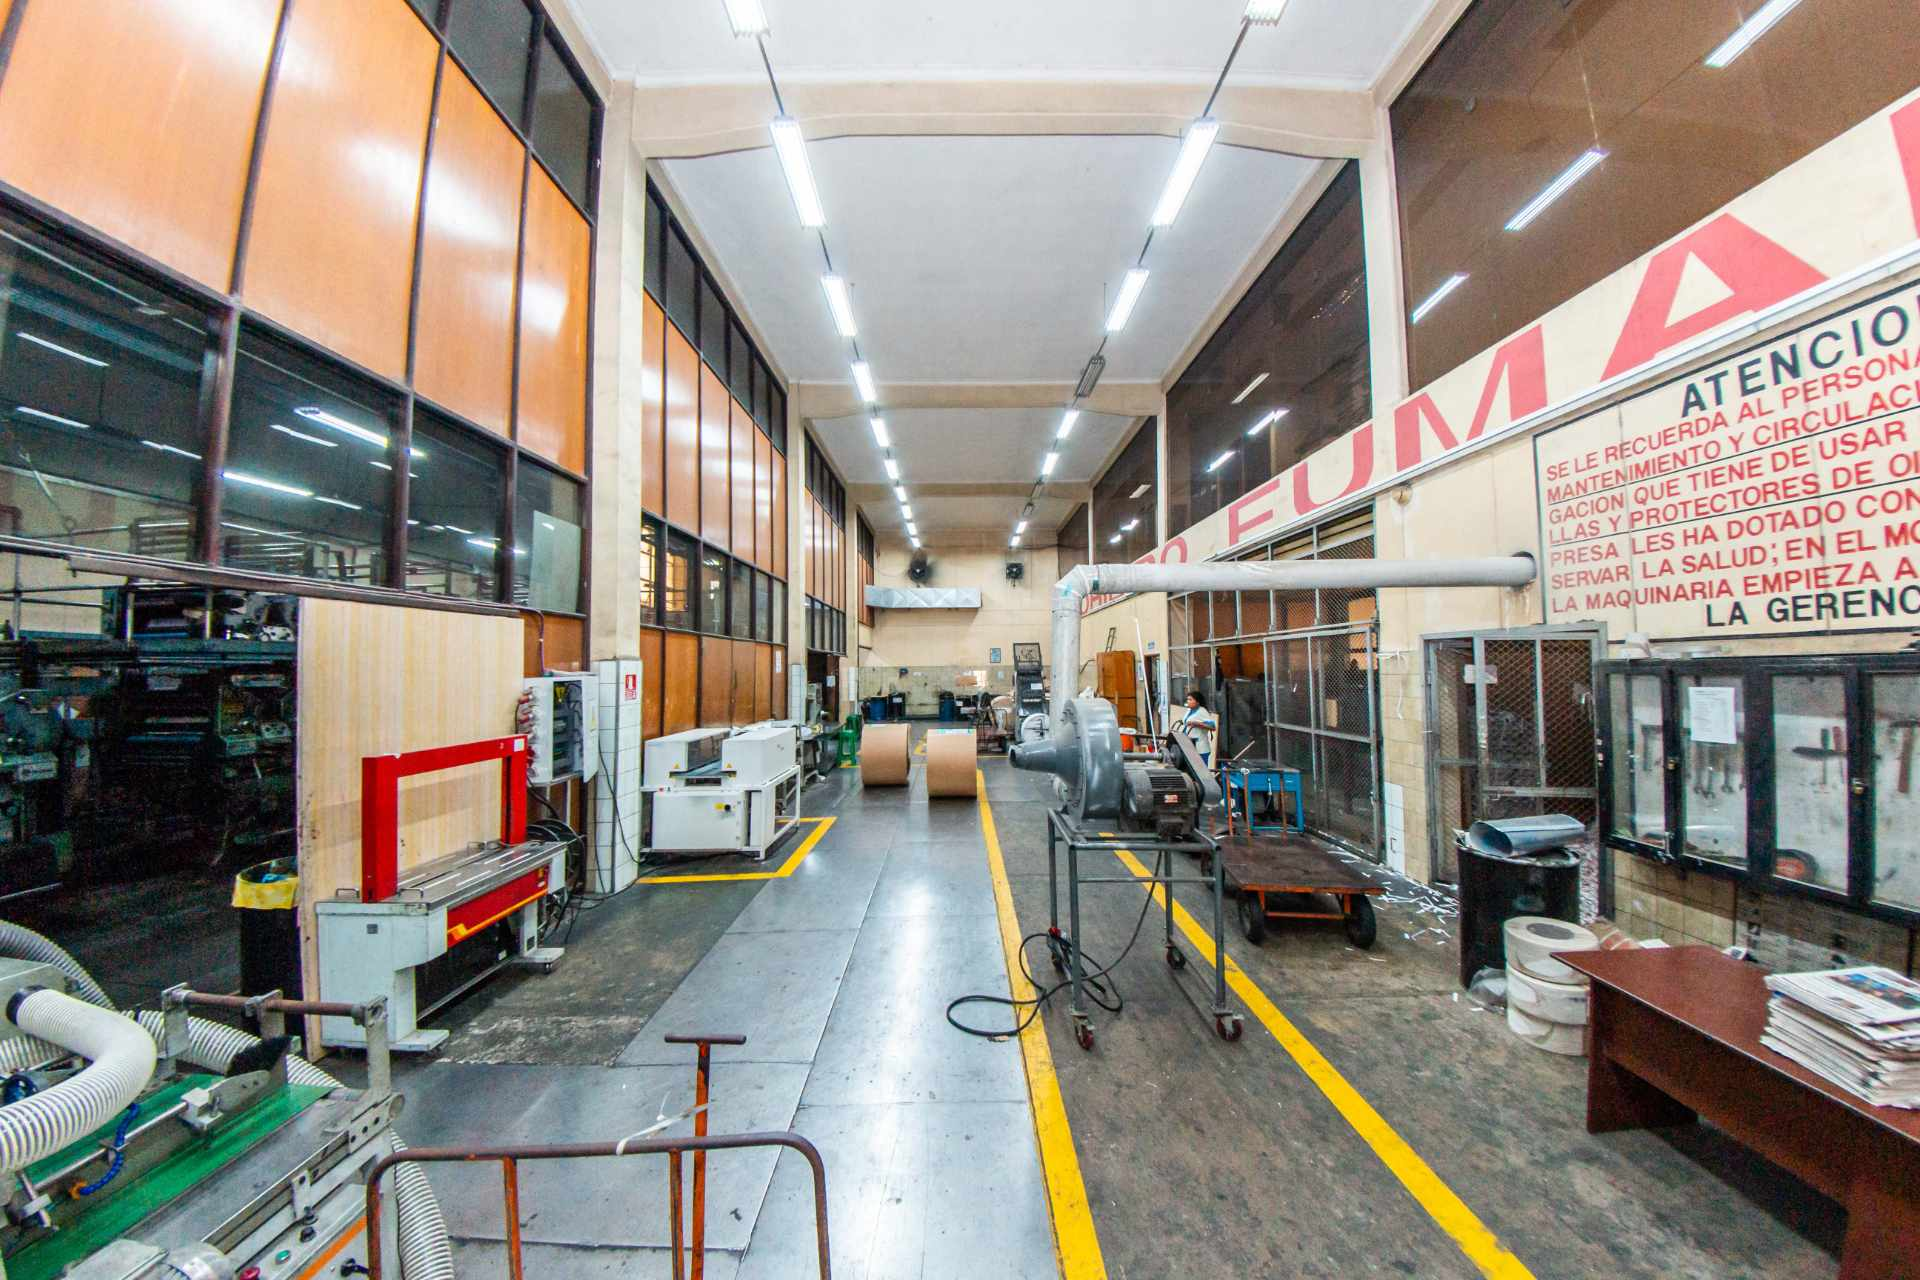 Edificio en Venta Edificio corporativo Avenida El Trompillo (2do anillo), esquina calle Melquiades Barbery Foto 20